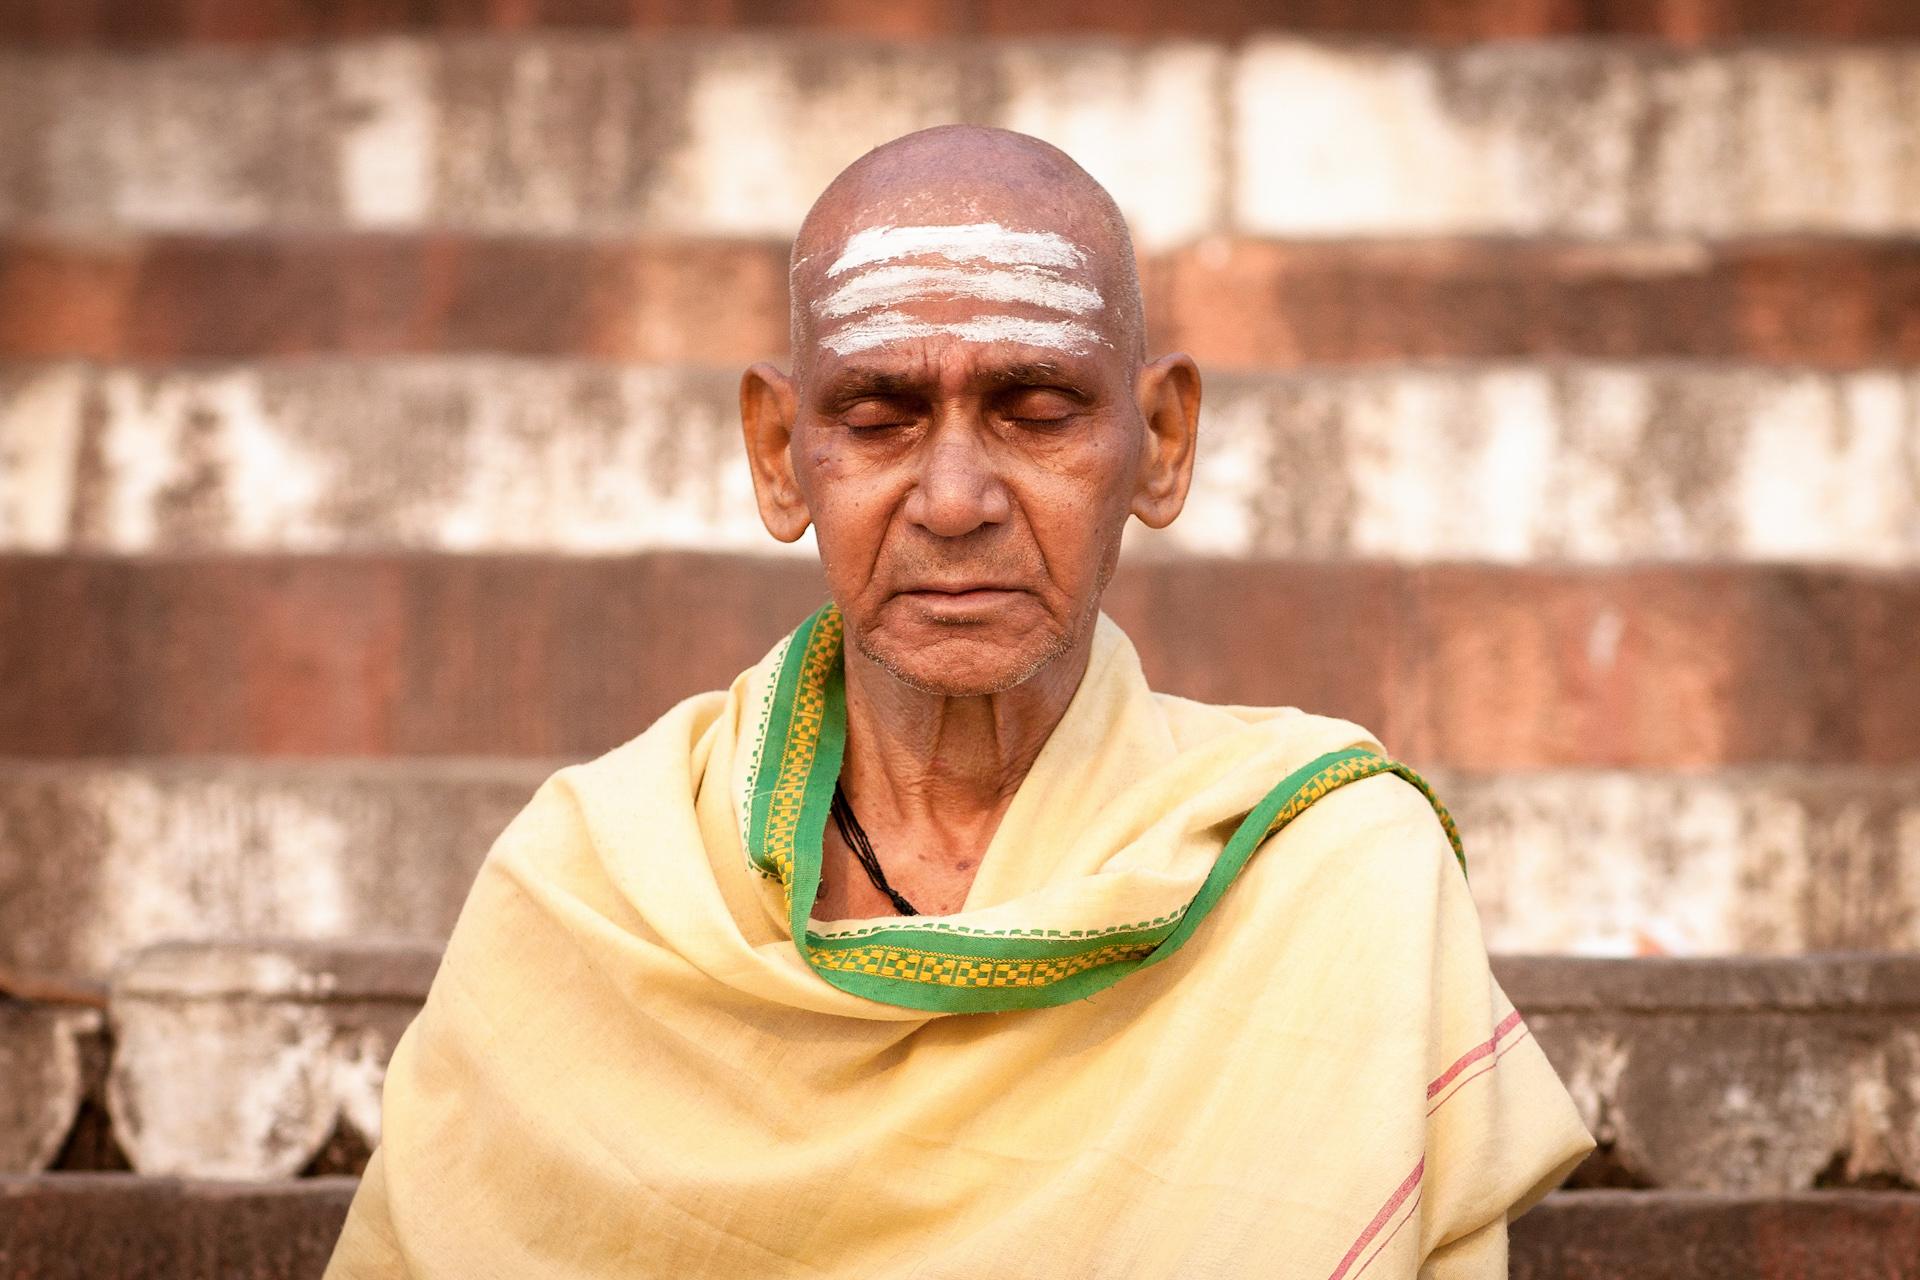 Jason_Bax_Travel_India-Varanasi-Portrait.JPG